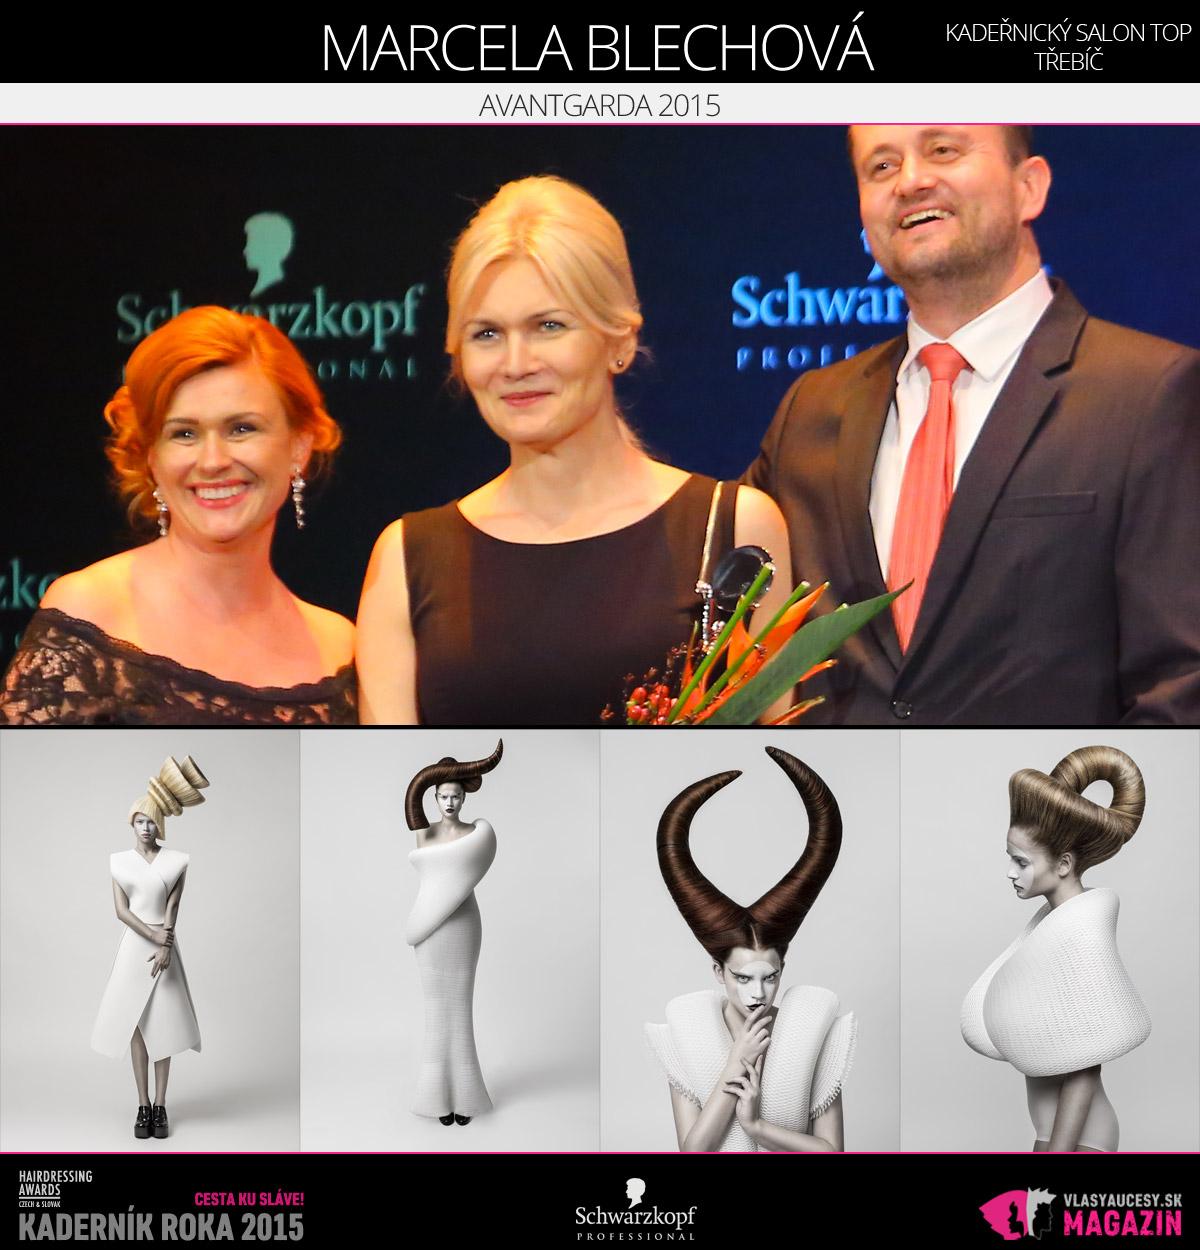 Víťazom v kategórii Avantgarda Czech and Slovak Hairdressing Awards 2015 je Marcela Blechová z kaderníckeho salónu TOP v Třebíči.